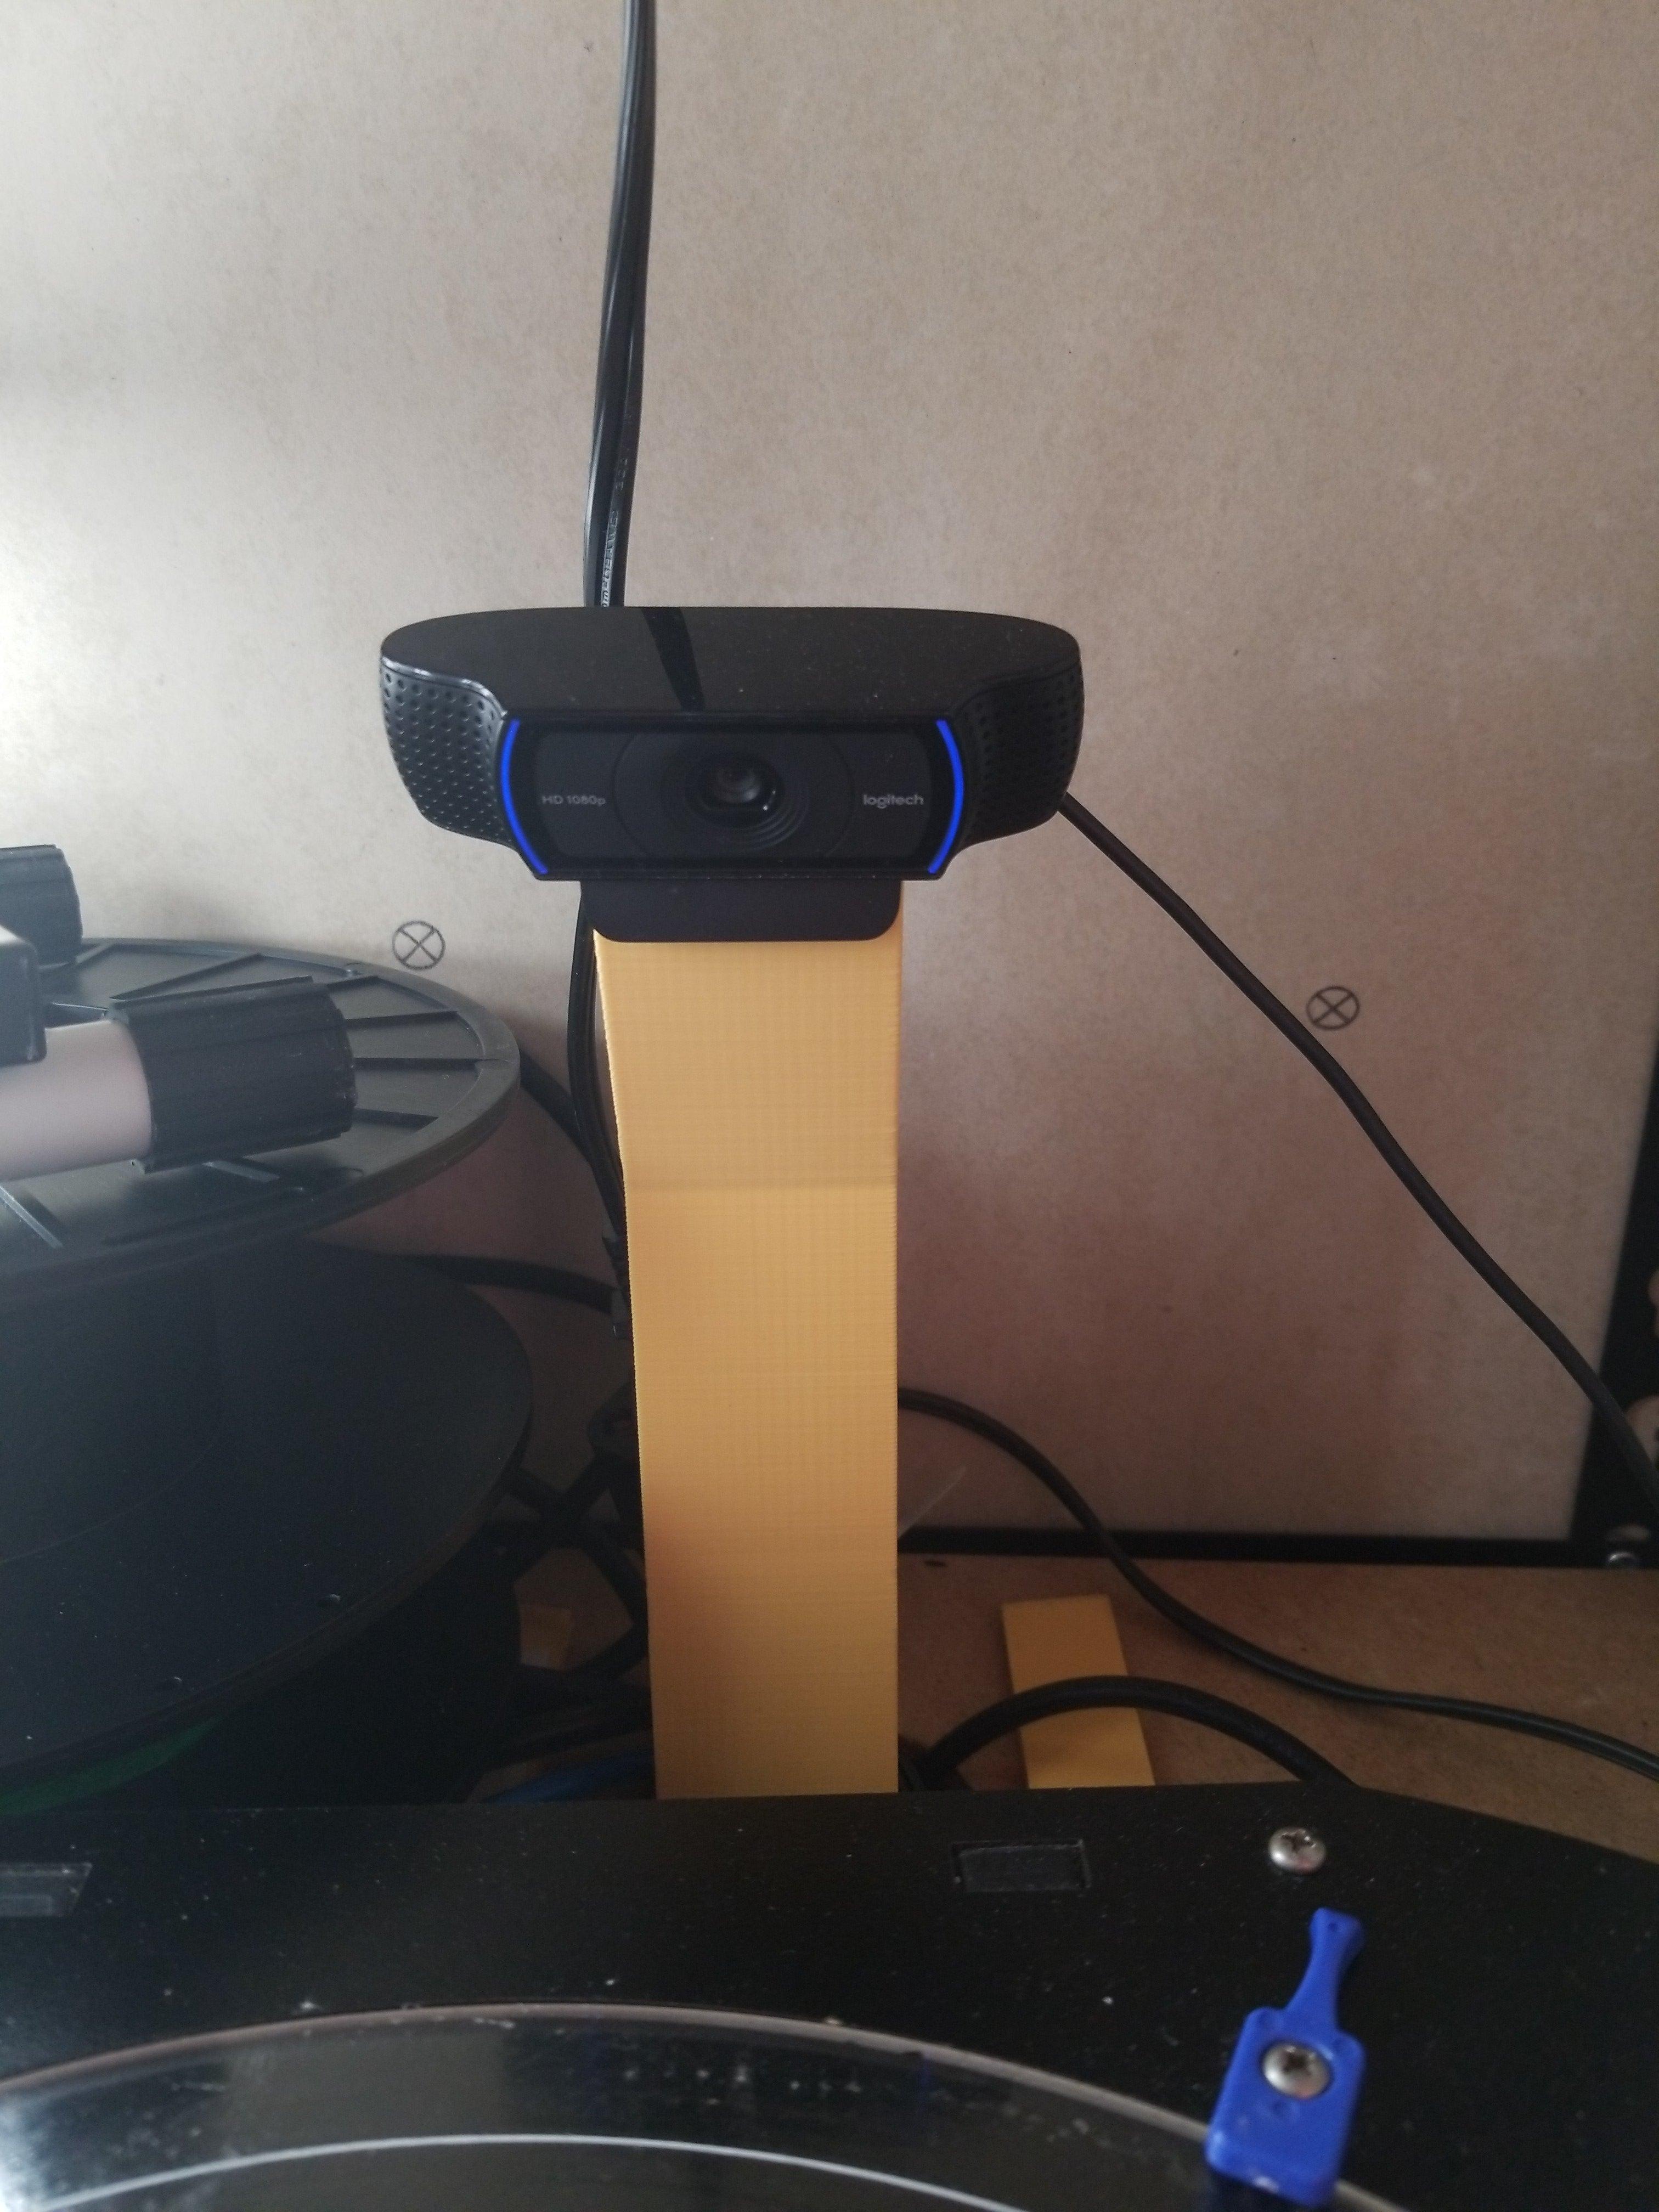 Logitech c920 Kamera Standı Webcam Tutucu Aparatı Masaüstü